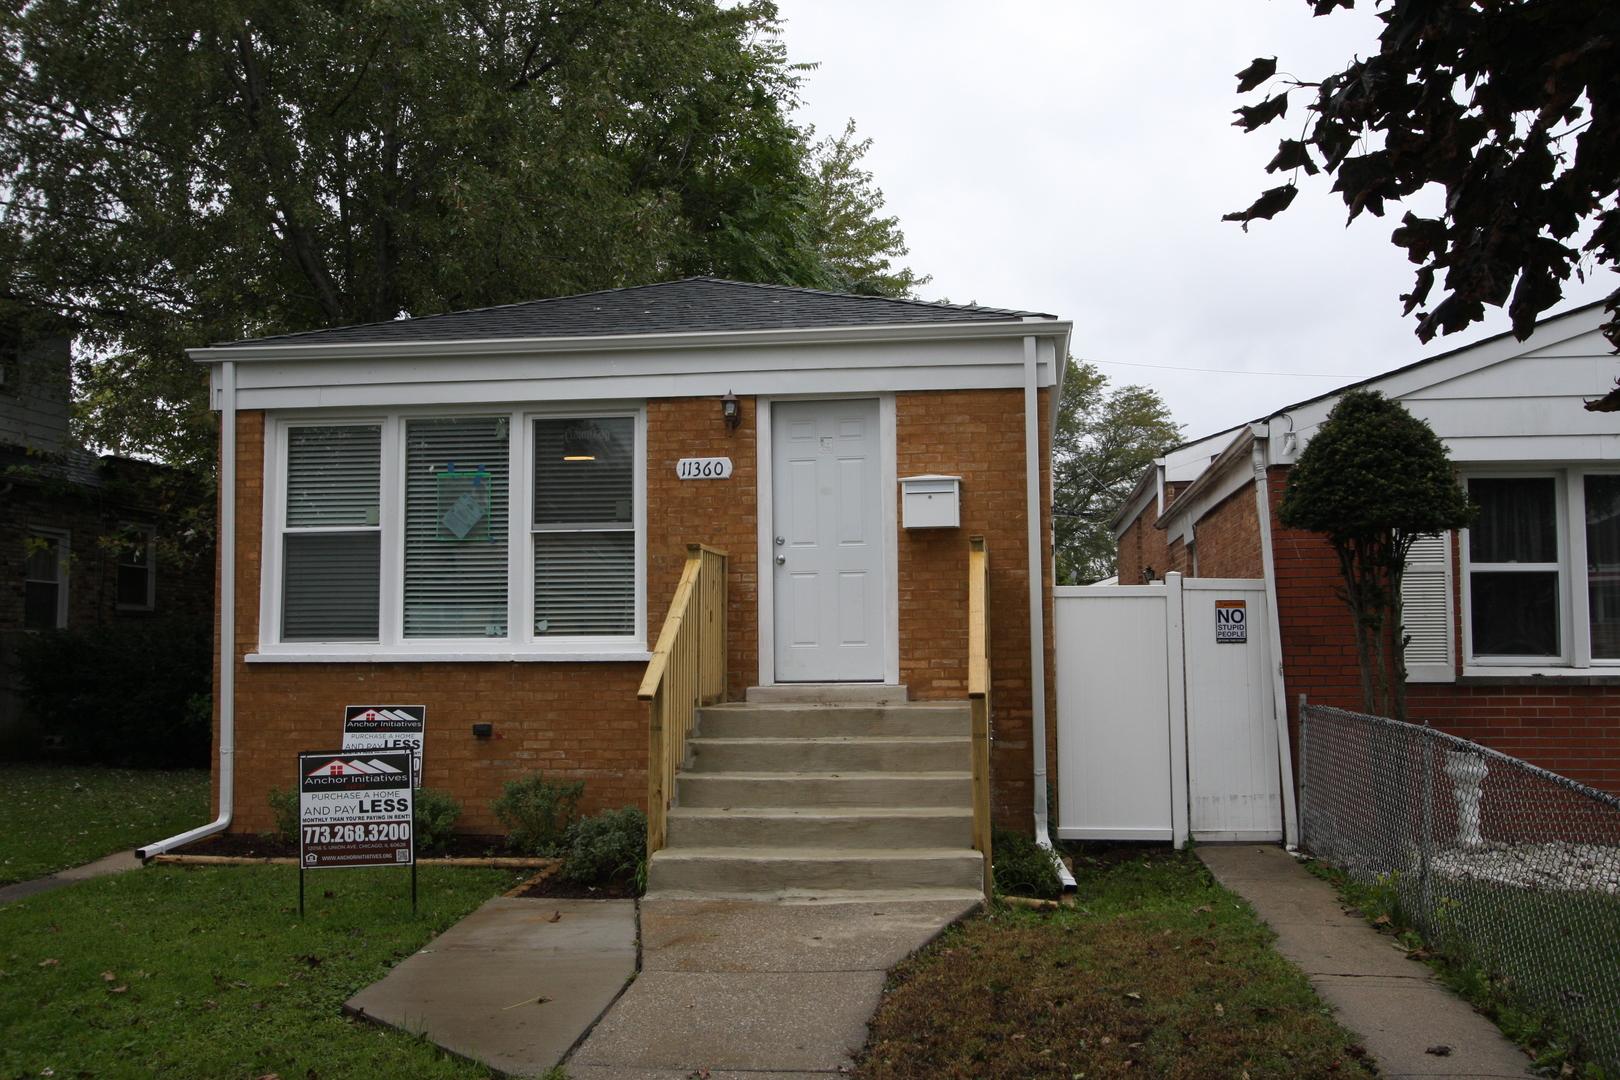 11360 S Carpenter Exterior Photo